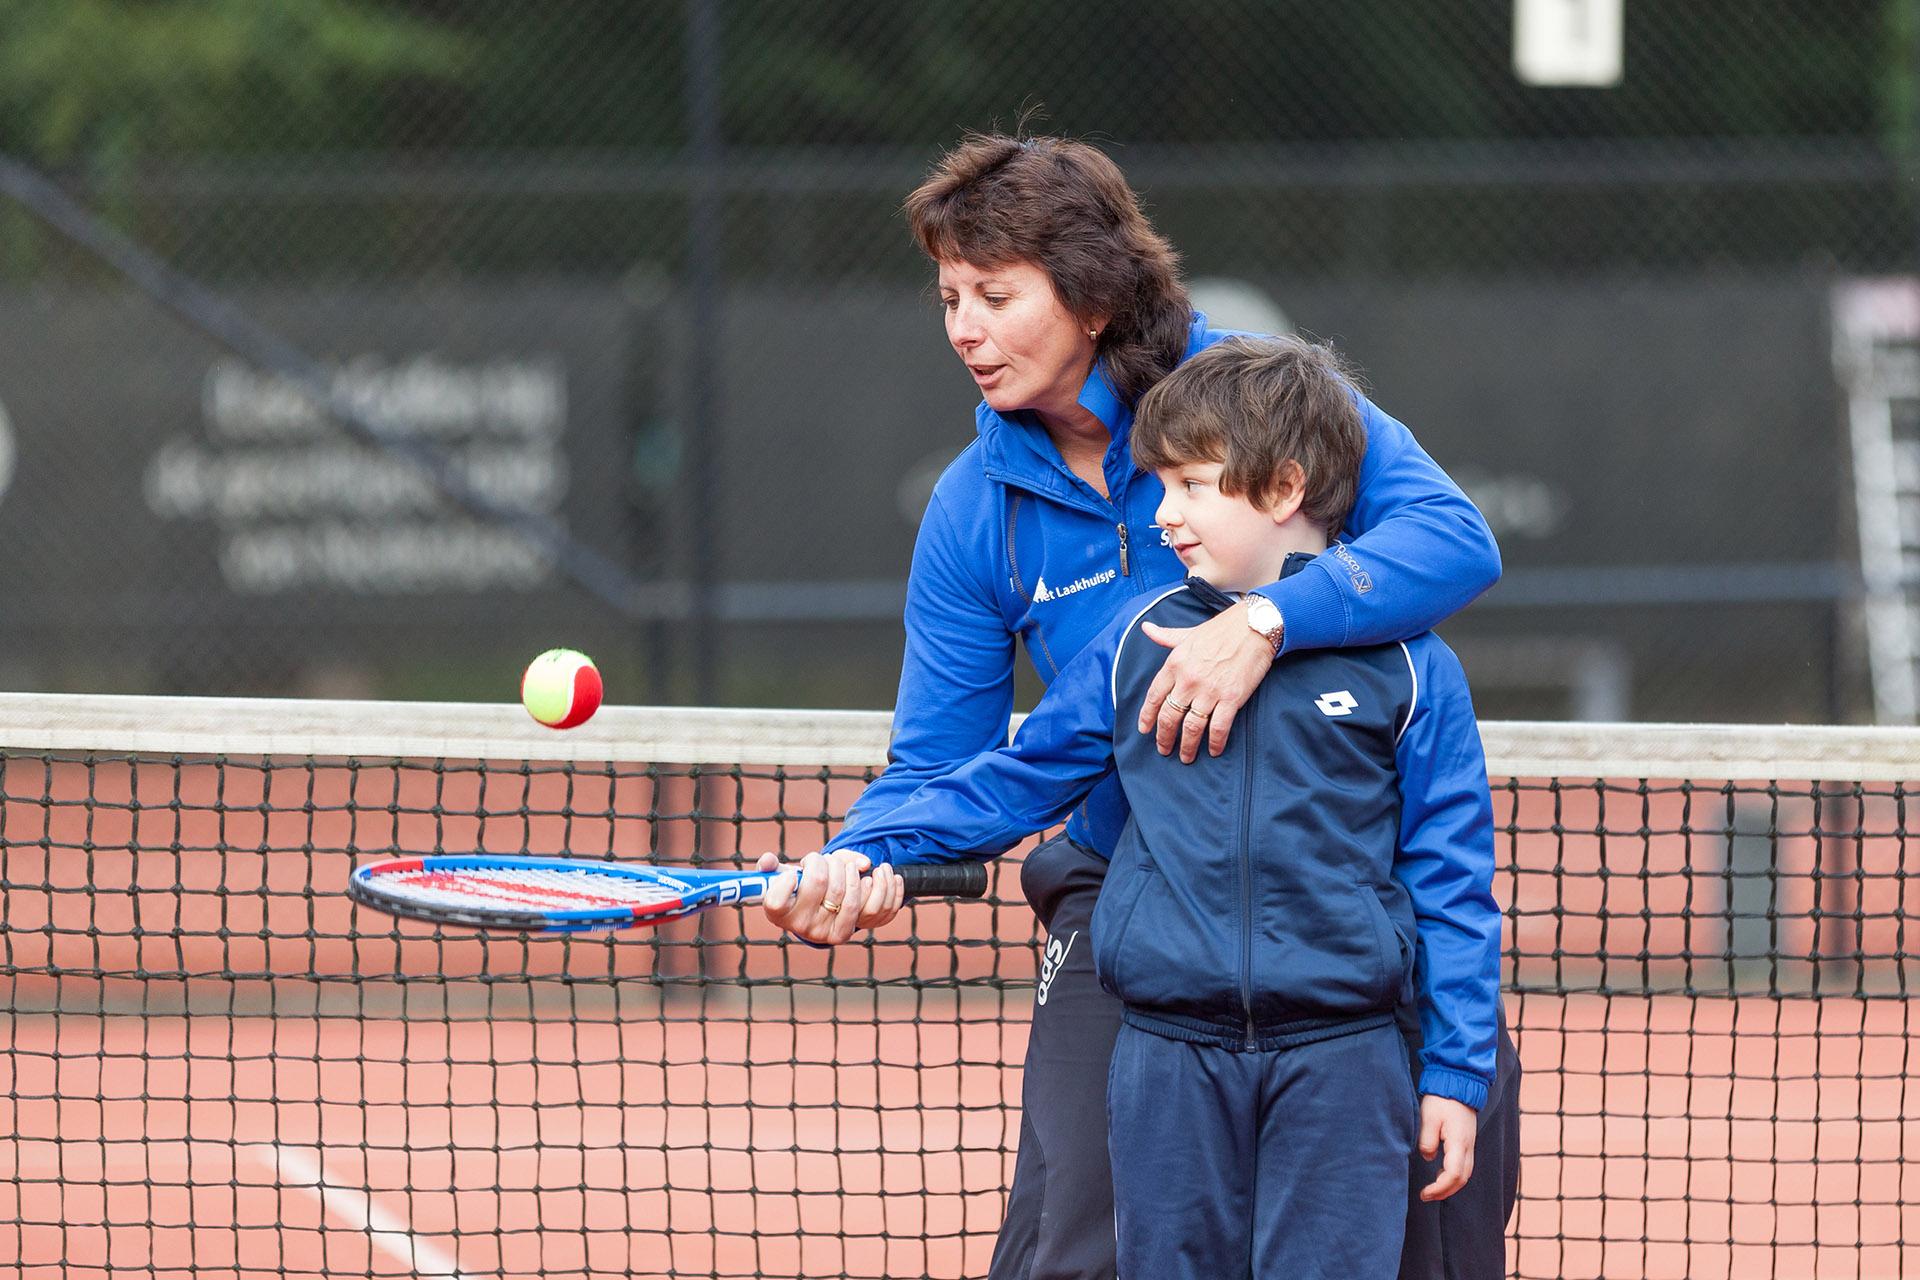 Tennisvereniging Het Laakhuisje: Lekker ballen aan de Laak